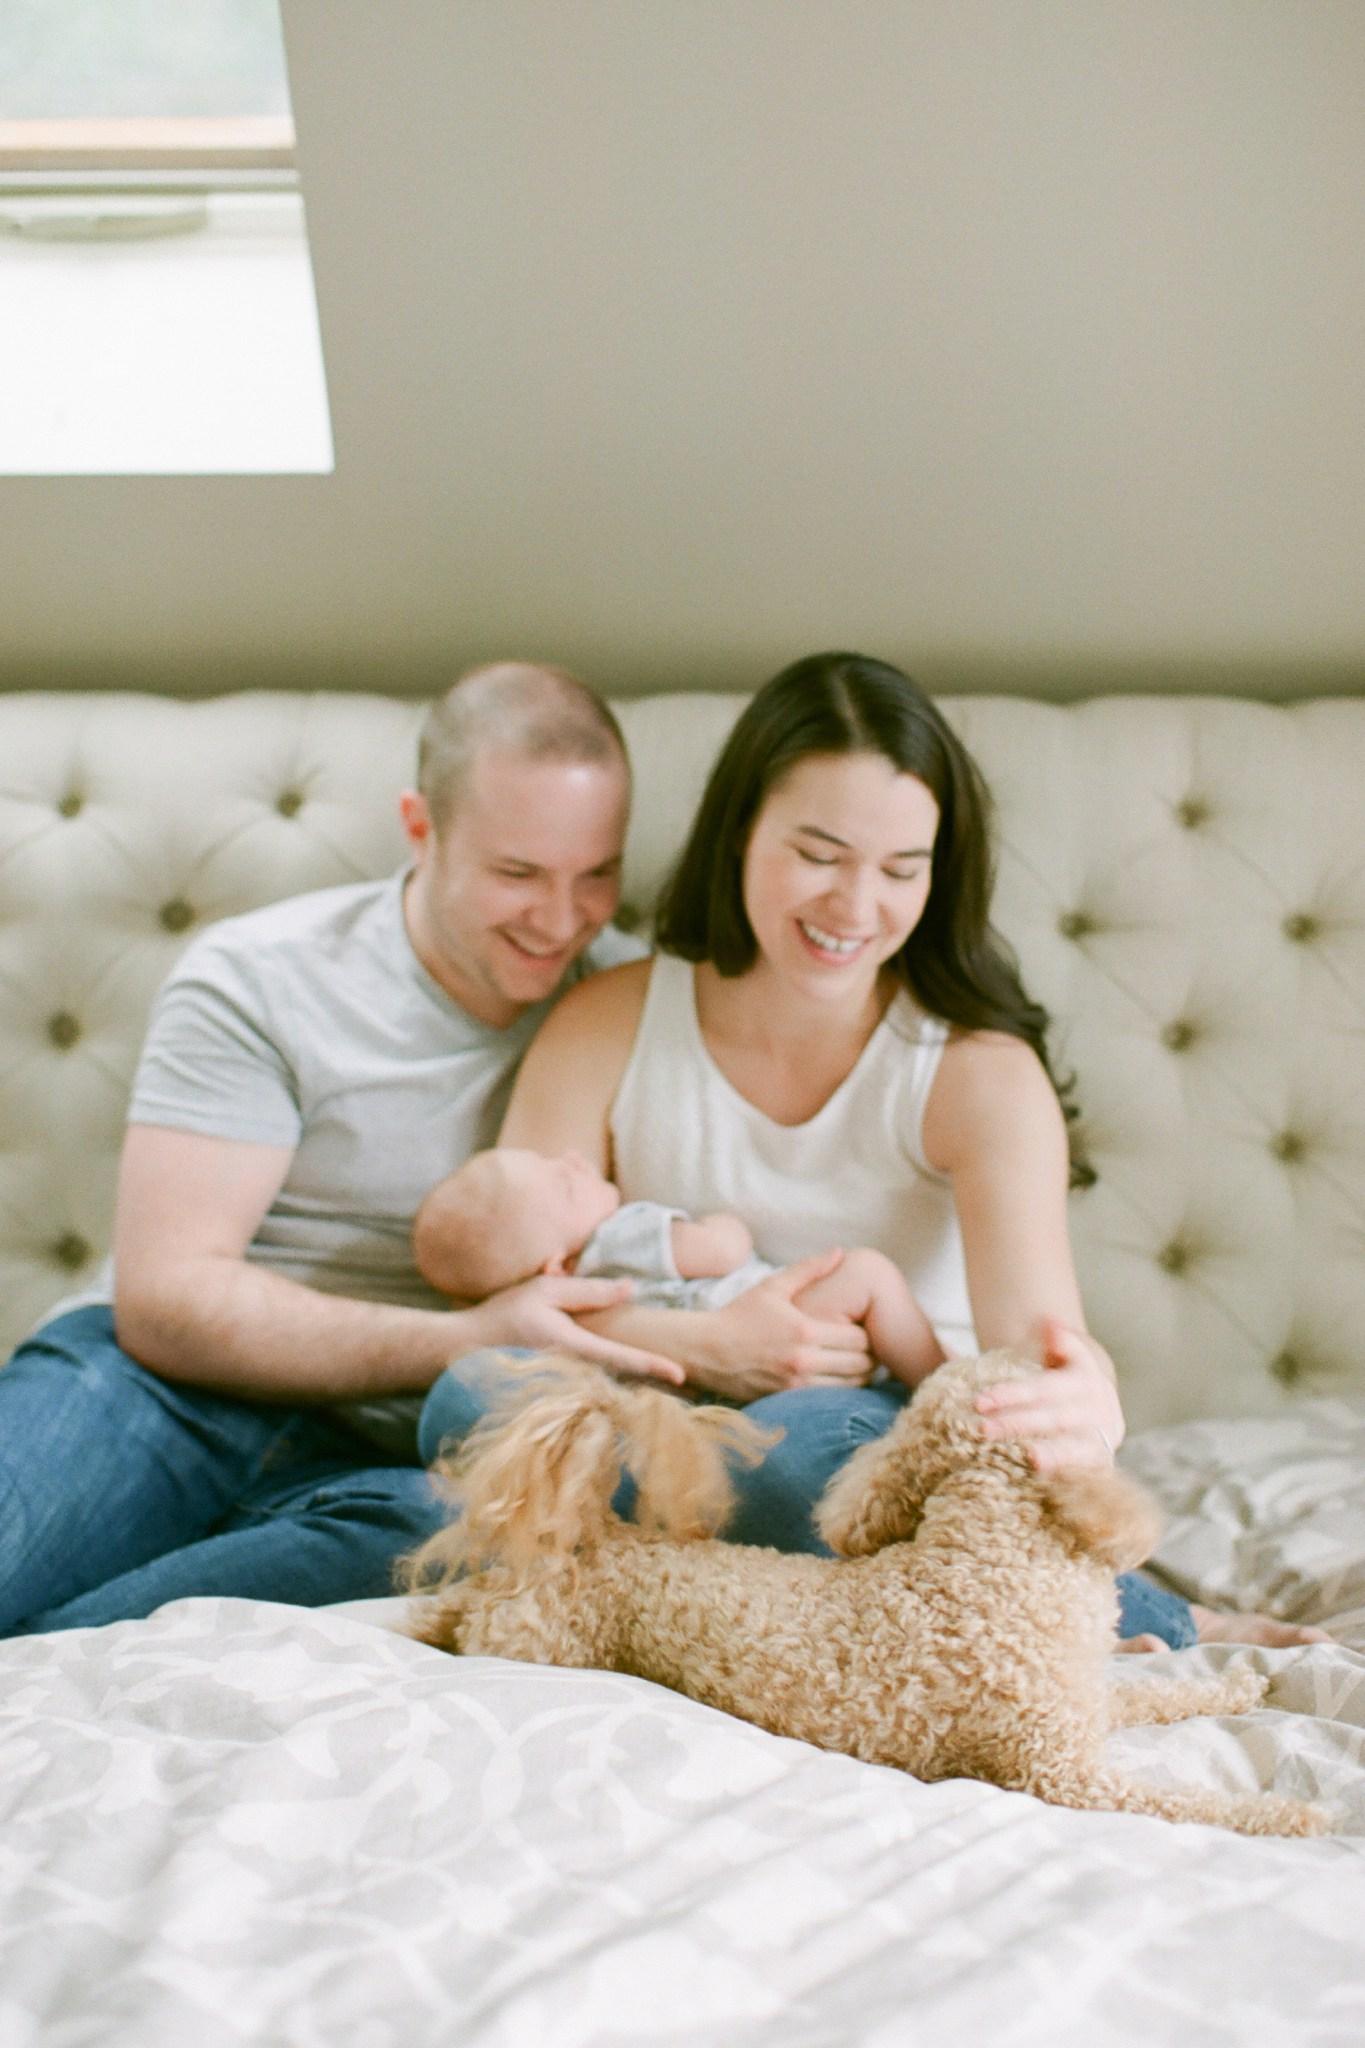 debroah_zoe_photography_family_portraits_boston_00023.JPG